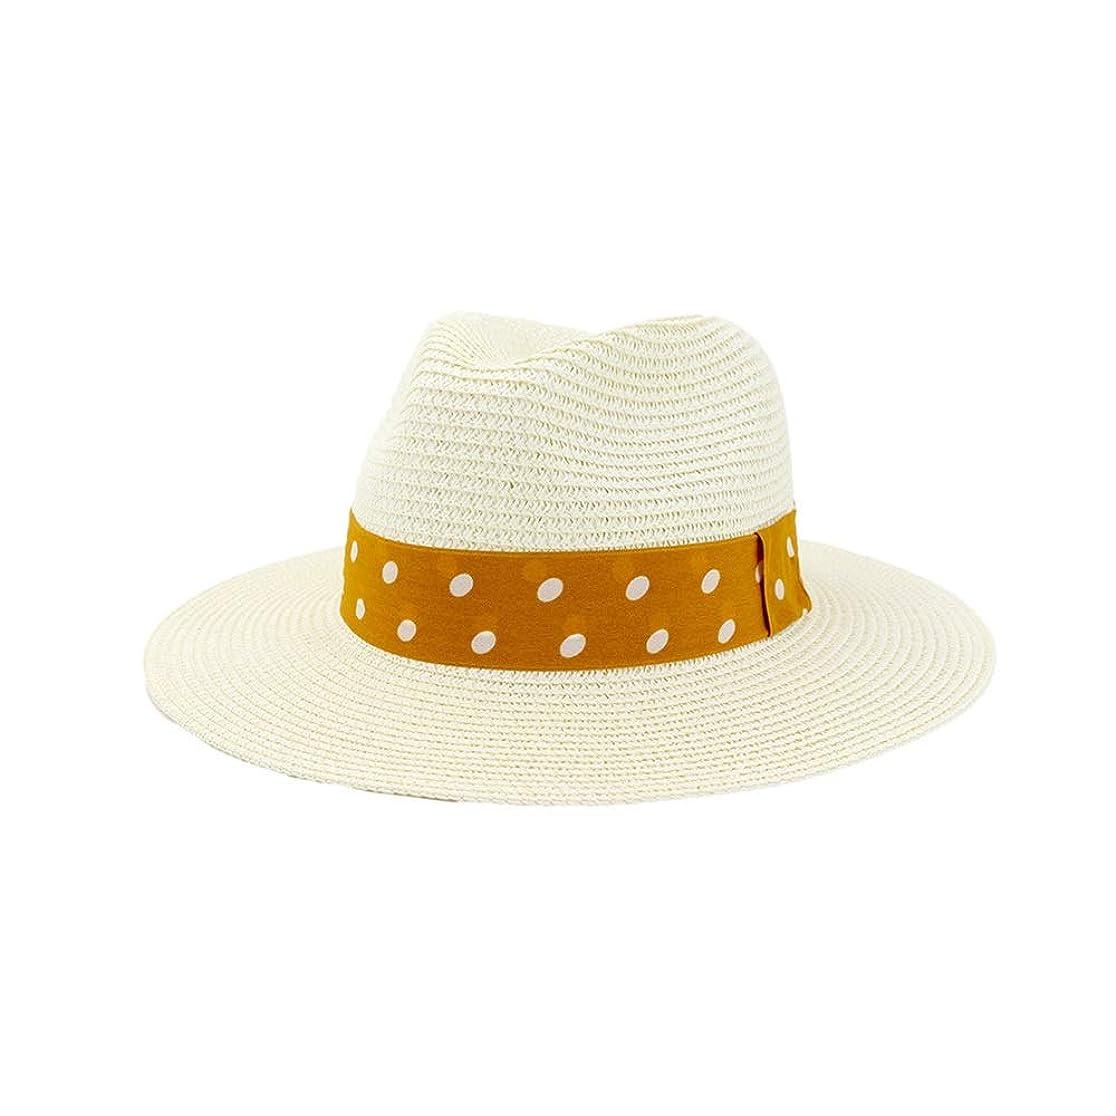 相手バン振りかけるMUJUN 2019 ファッション パナマ帽子男性わらFedora Sunhat女性夏のビーチサンバイザーキャップクールジャズキャップ (色 : クリーム, サイズ : 56-58CM)